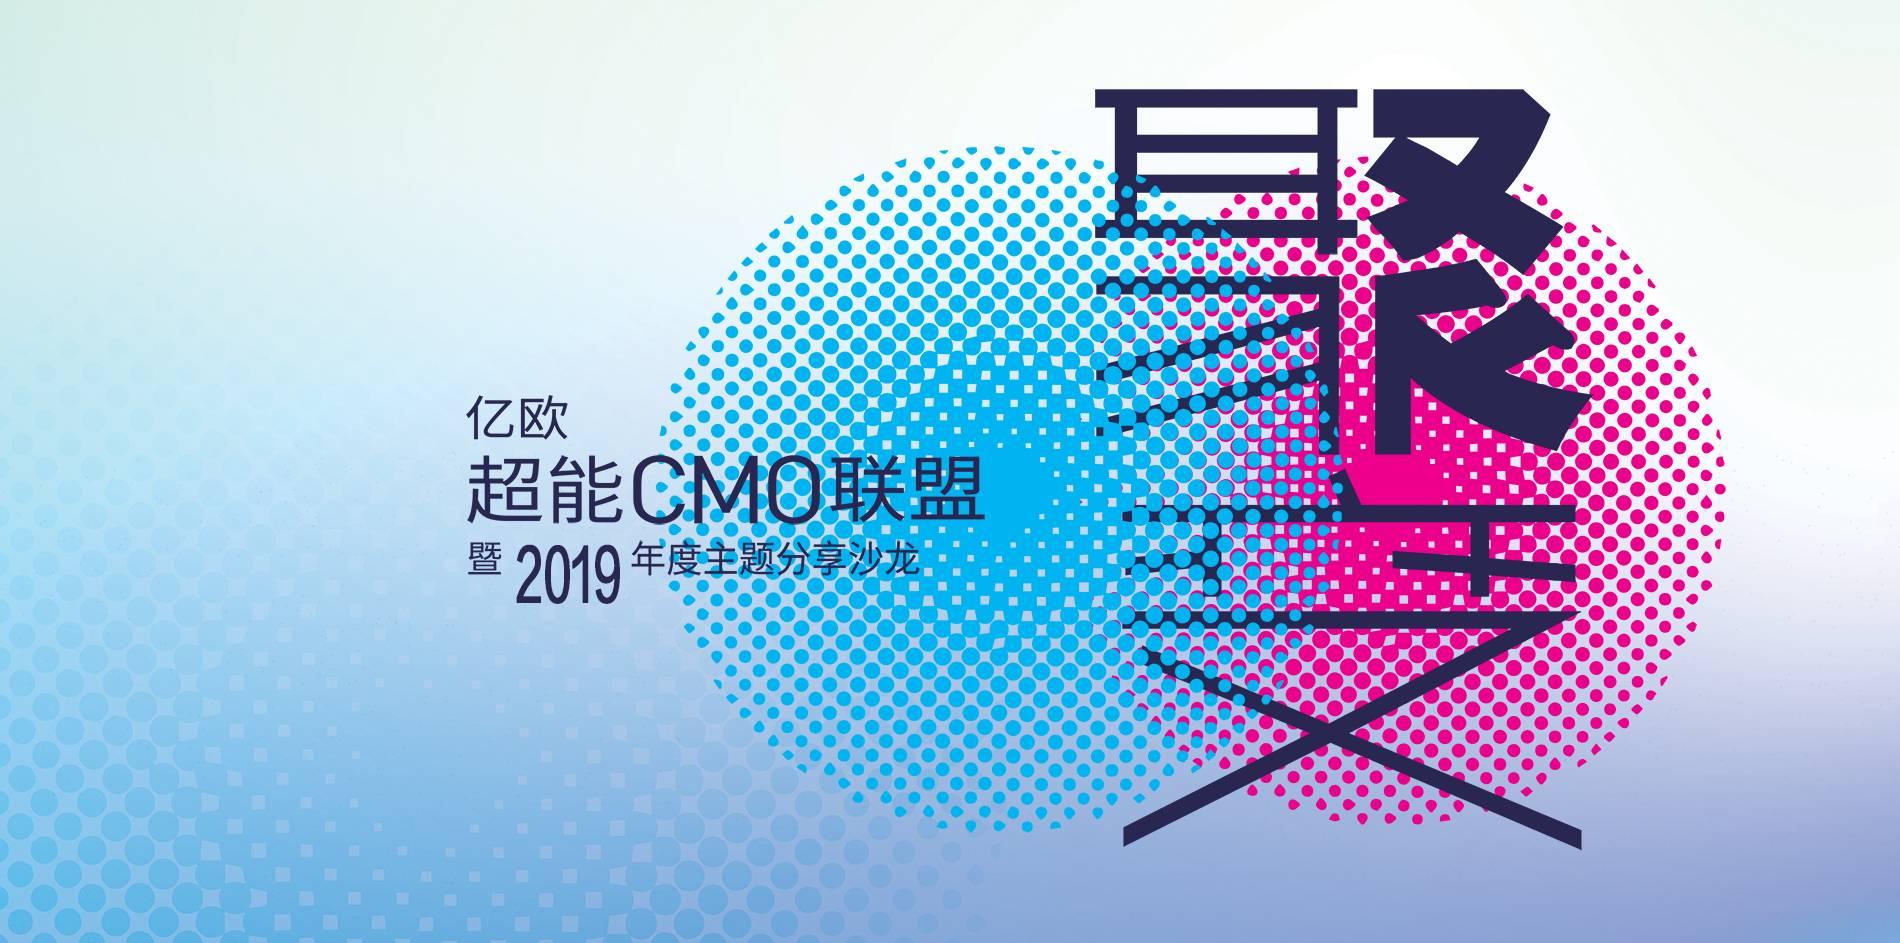 【活动】聚·变—亿欧超能CMO联盟暨2019年度主题分享沙龙-亿欧